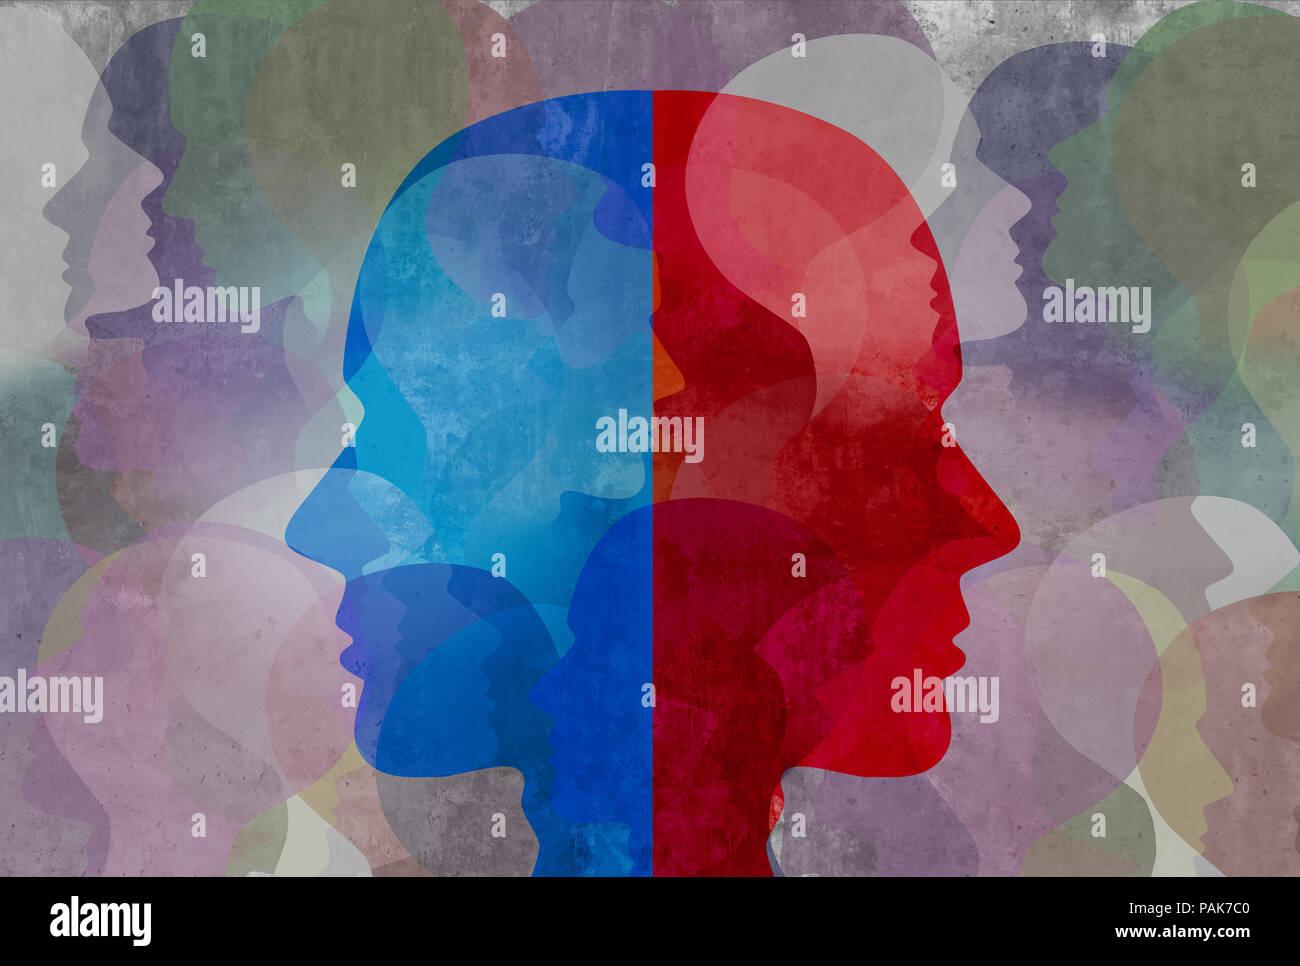 Schizophrenie und split Beschaffenheit Störung und psychische Gesundheit psychiatrische Krankheit Konzept in einer 3D-Darstellung. Stockbild